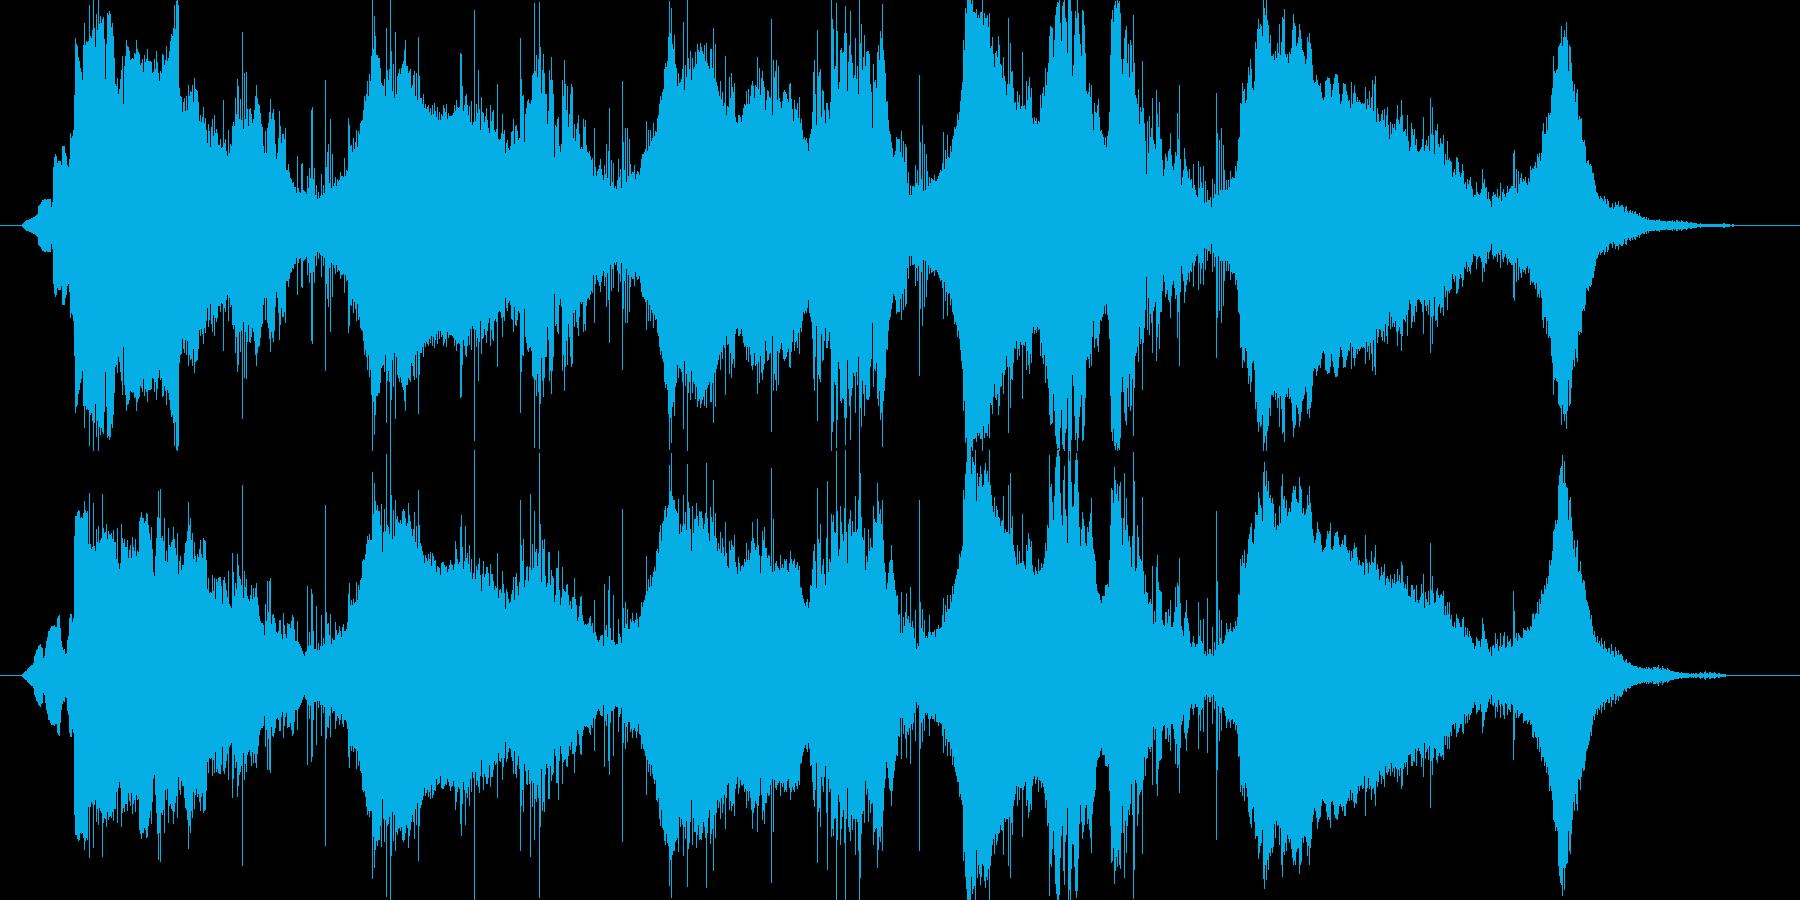 ミステリアスな雰囲気のアンビエントの再生済みの波形